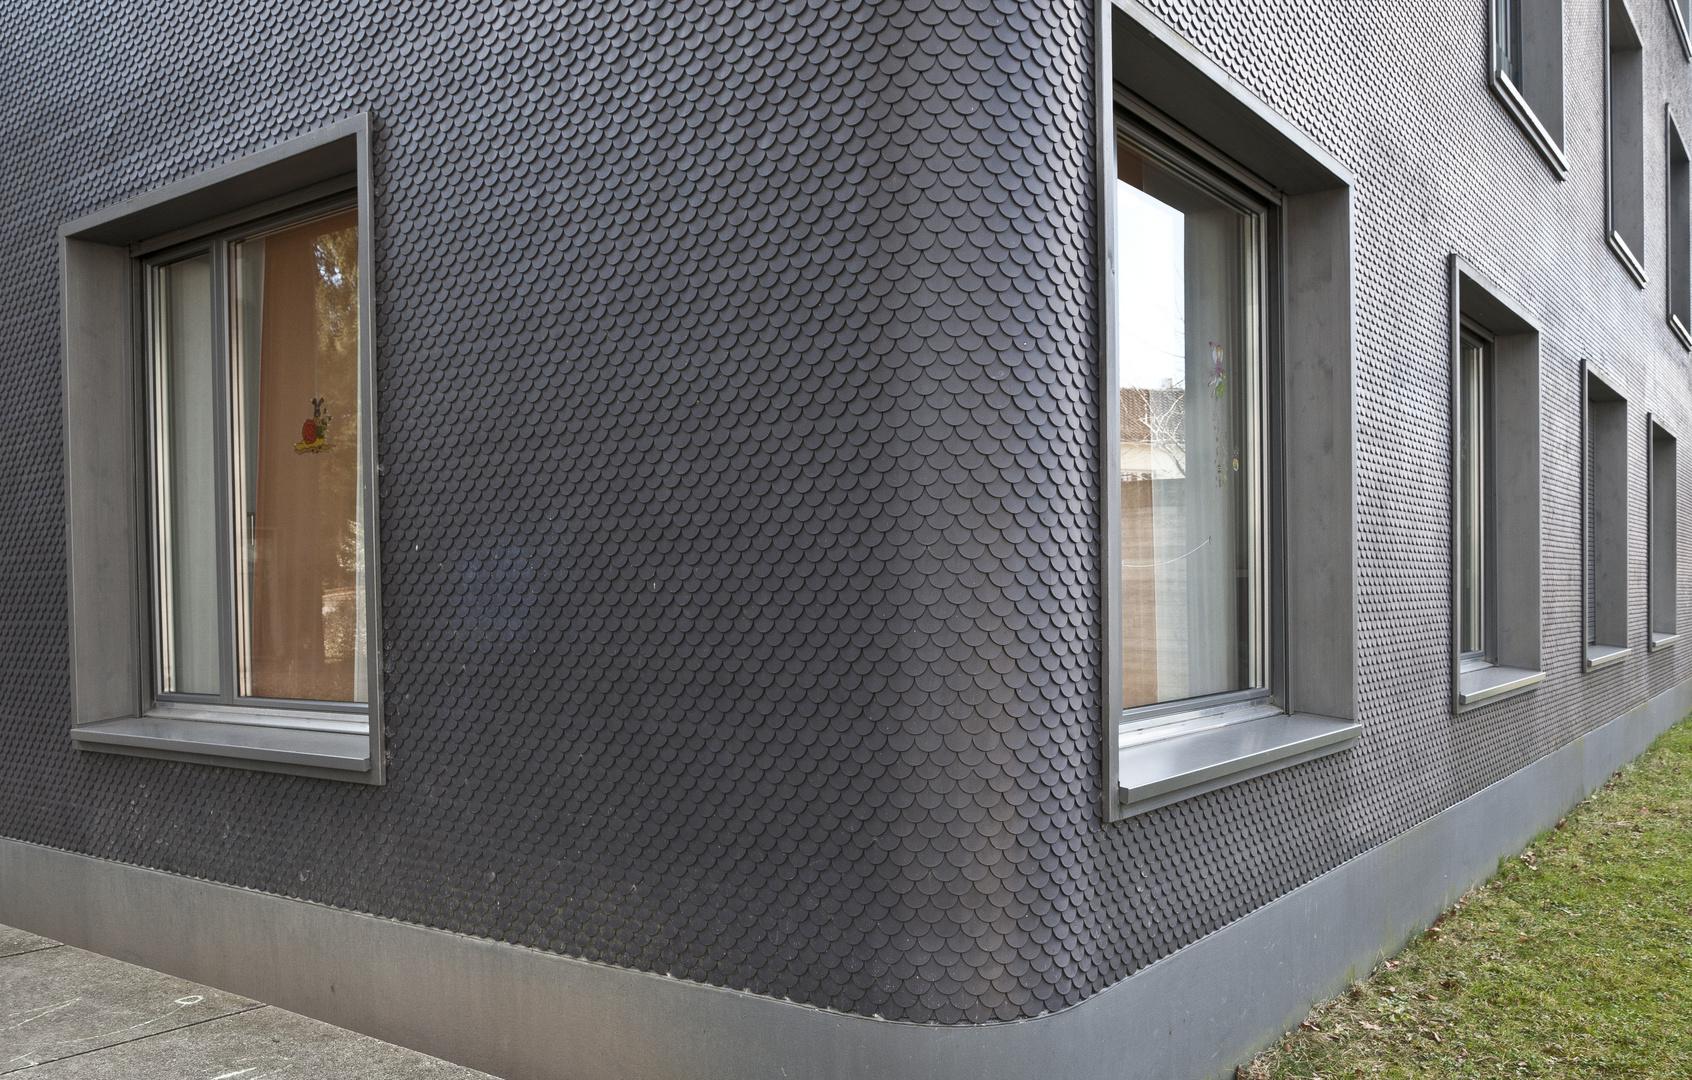 Modernes haus mit schindelfassade foto bild for Modernes haus mit holzfenster